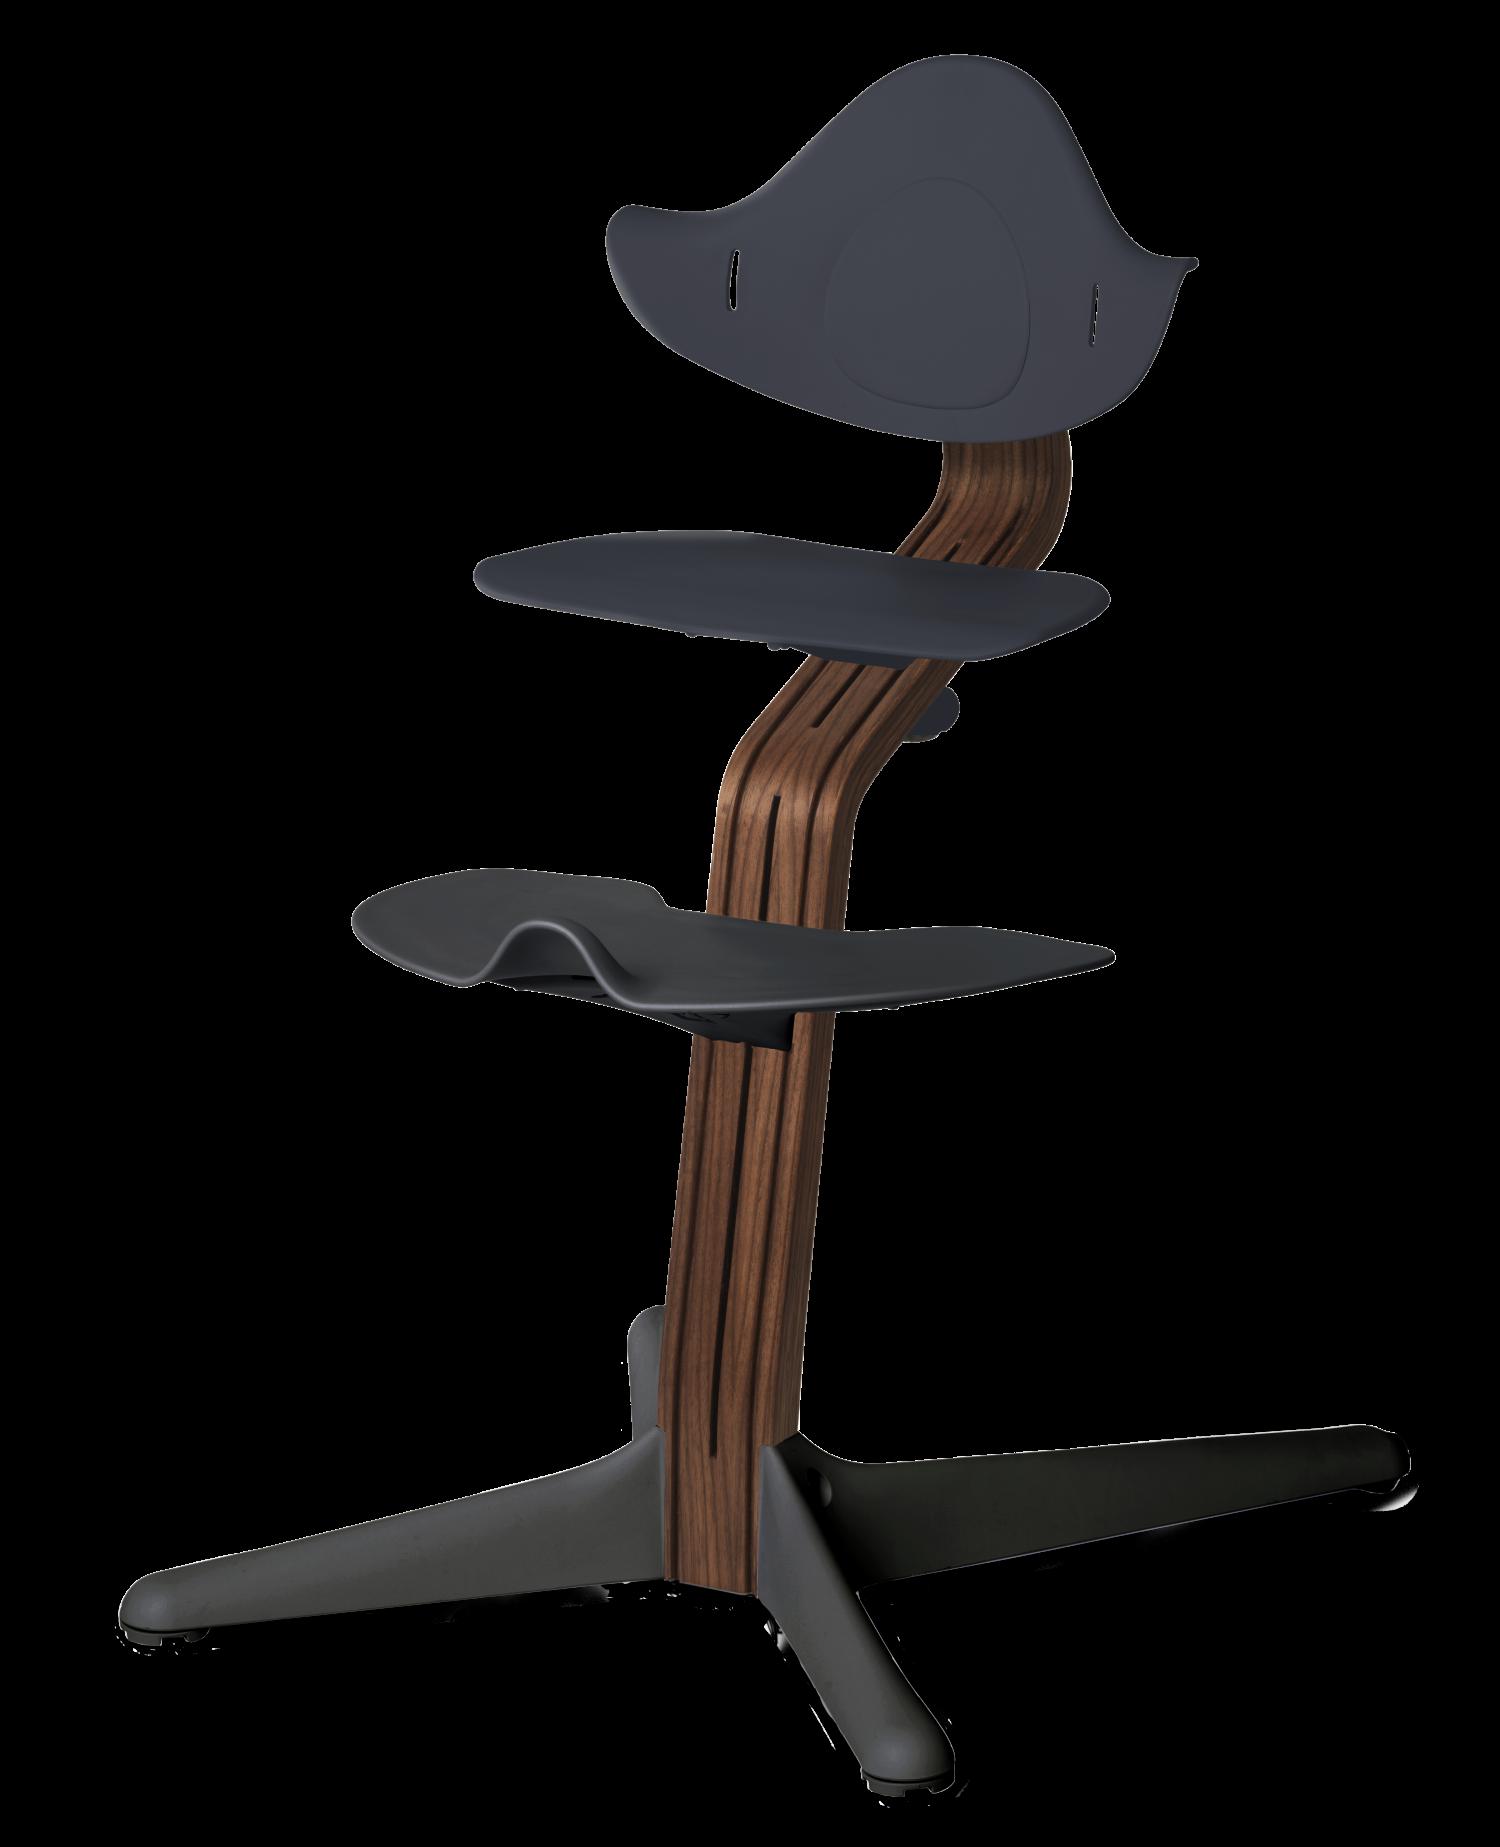 Nomi NOMI highchair meegroeistoel Basis walnoot nature oiled en stoel anthraciet